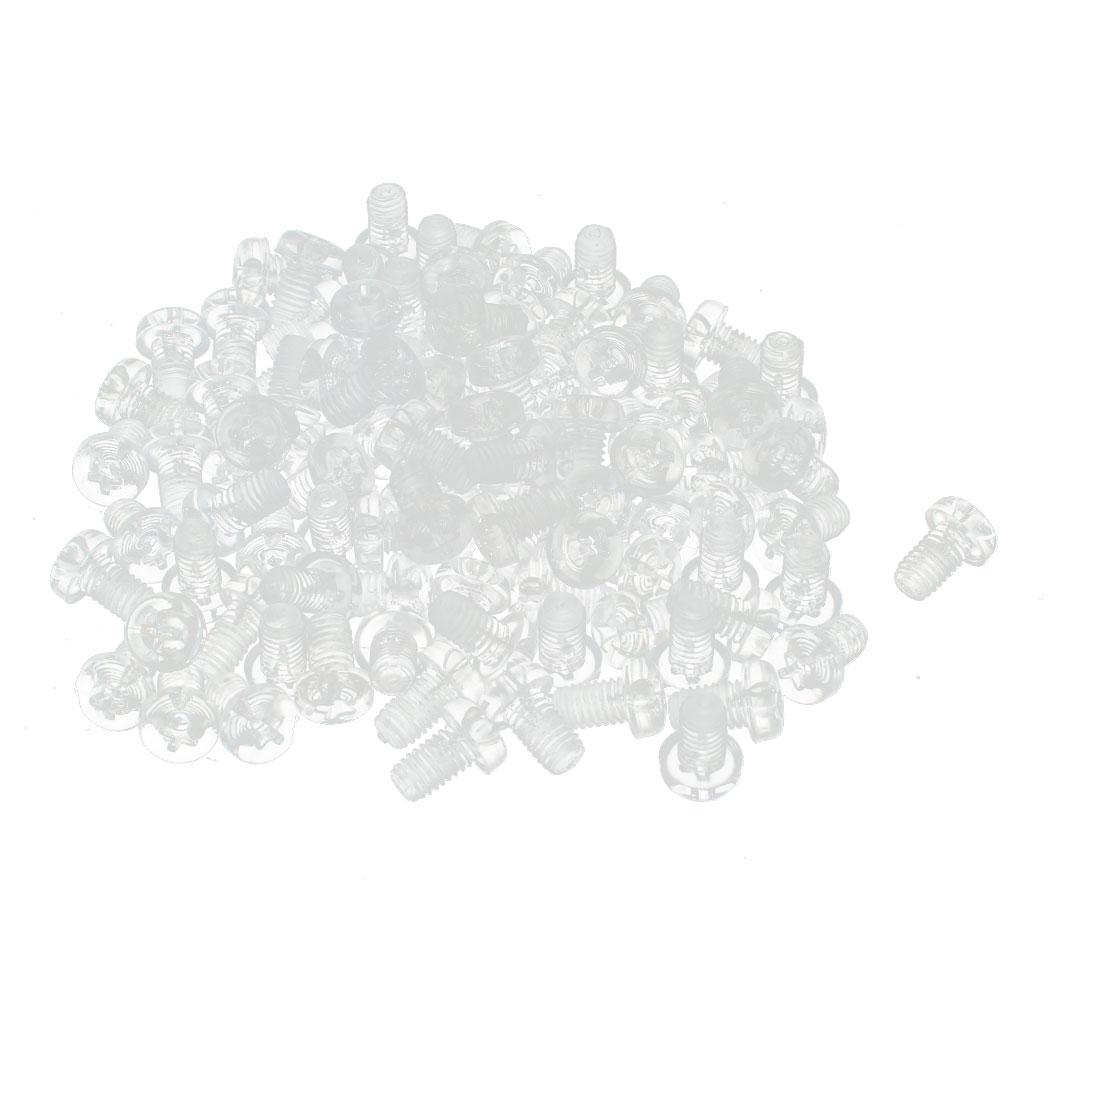 100pcs M5 x 8mm Plastic Phillips Cross Head Machine Screws Clear